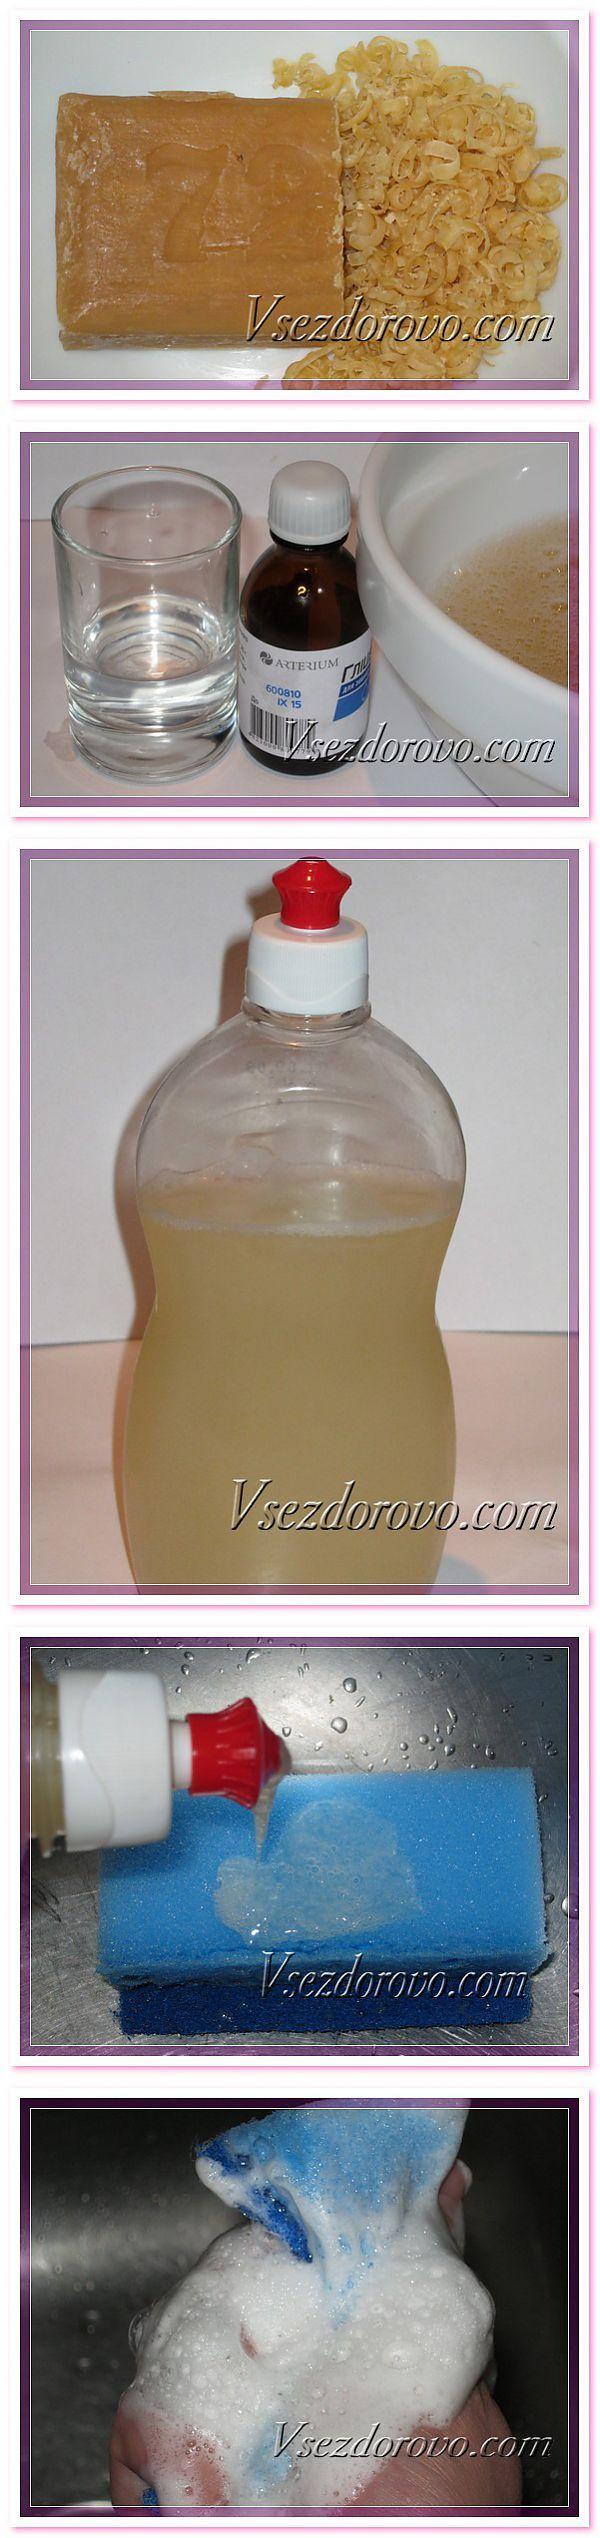 Жидкость для мытья посуды из хозяйственного мыла